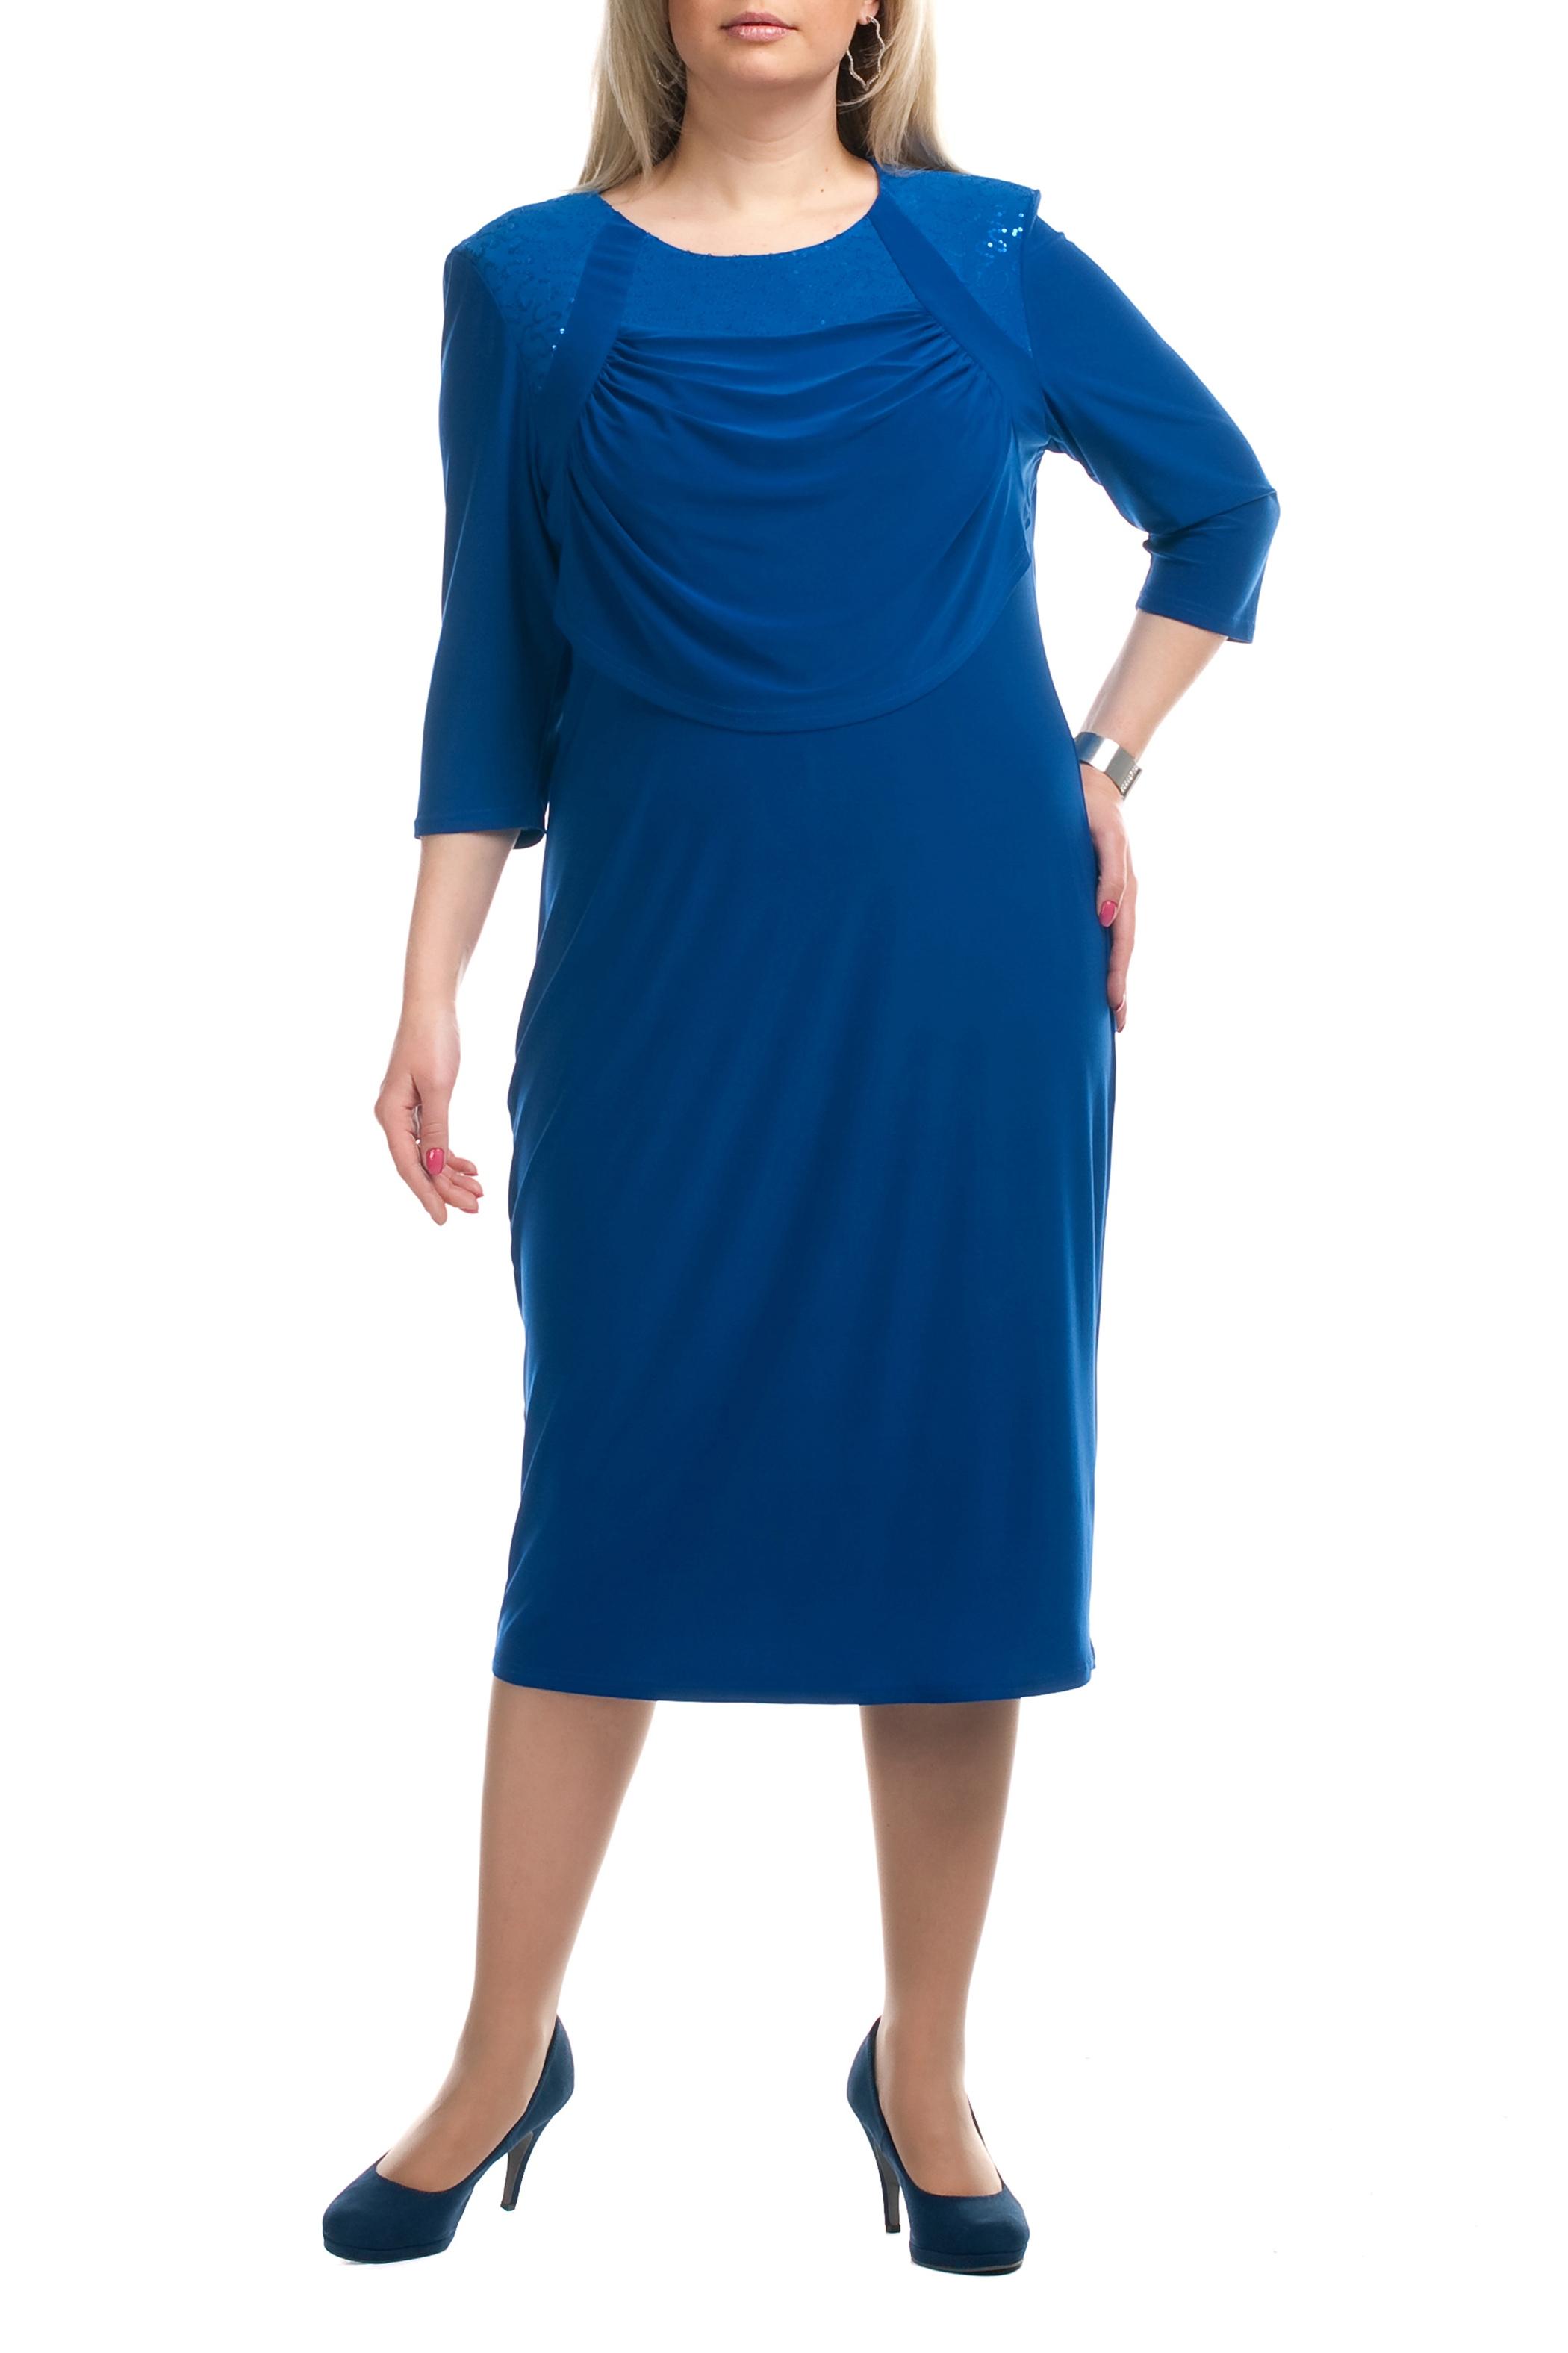 ПлатьеПлатья<br>Элегантное нарядное платье. Модель выполнена из приятного трикотажа. Отличный выбор для любого торжества.  Цвет: синий  Рост девушки-фотомодели 173 см.<br><br>Горловина: С- горловина<br>По длине: Ниже колена<br>По материалу: Трикотаж,Гипюровая сетка<br>По образу: Свидание<br>По рисунку: Однотонные<br>По сезону: Весна,Всесезон,Зима,Лето,Осень<br>По силуэту: Полуприталенные<br>По стилю: Нарядный стиль<br>По элементам: С декором,С отделочной фурнитурой,Со складками<br>Рукав: Рукав три четверти<br>Размер : 52,54,56,58,60,62,64,66,68,70<br>Материал: Холодное масло + Гипюровая сетка<br>Количество в наличии: 15